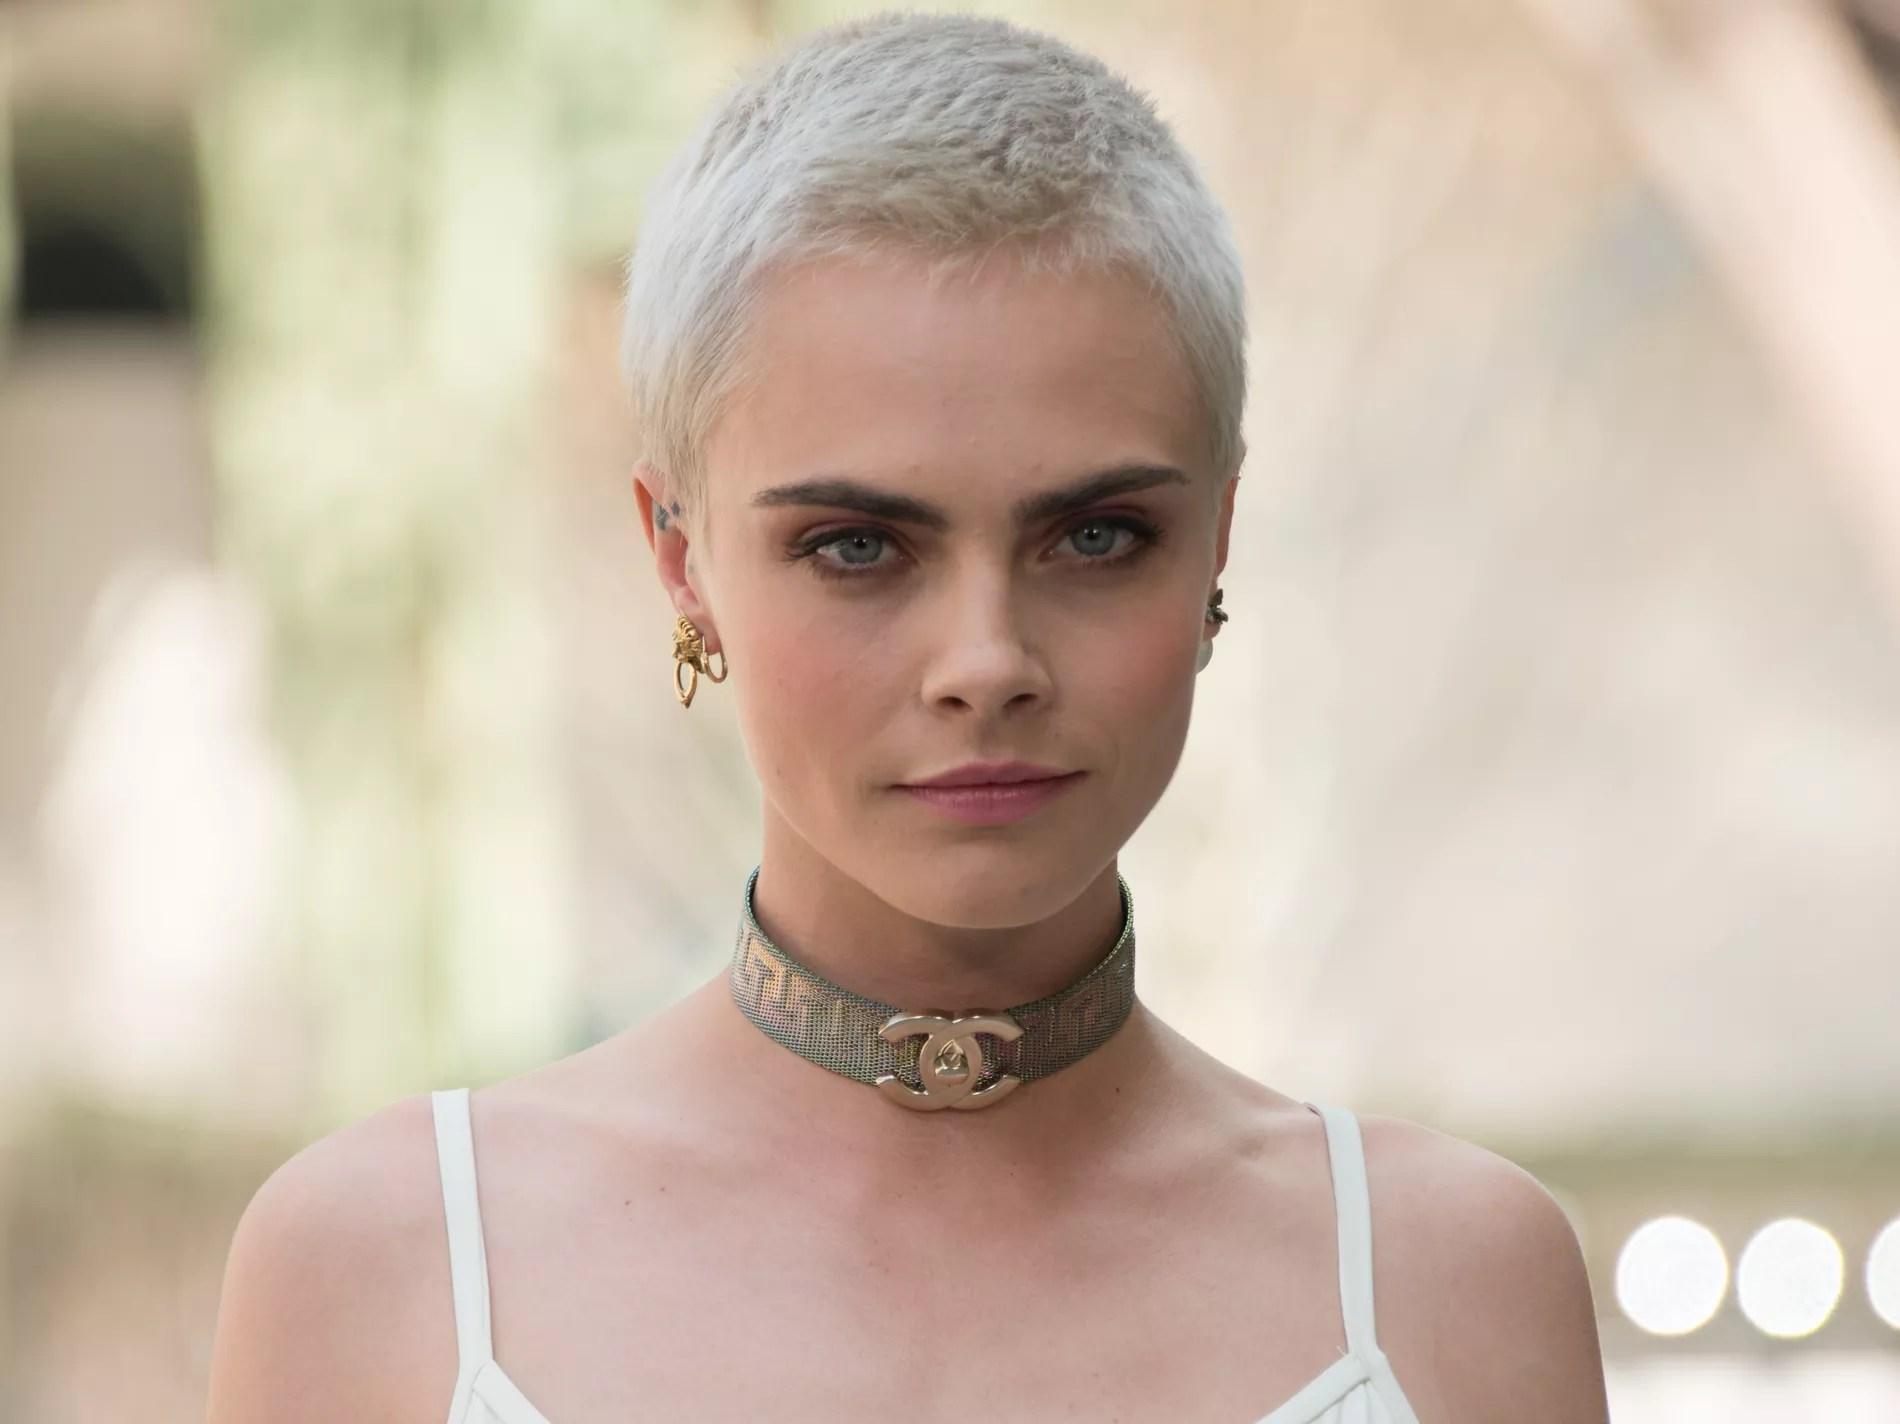 Crne Ras Pixie Cut Cheveux Longs Le CV Capillaire De